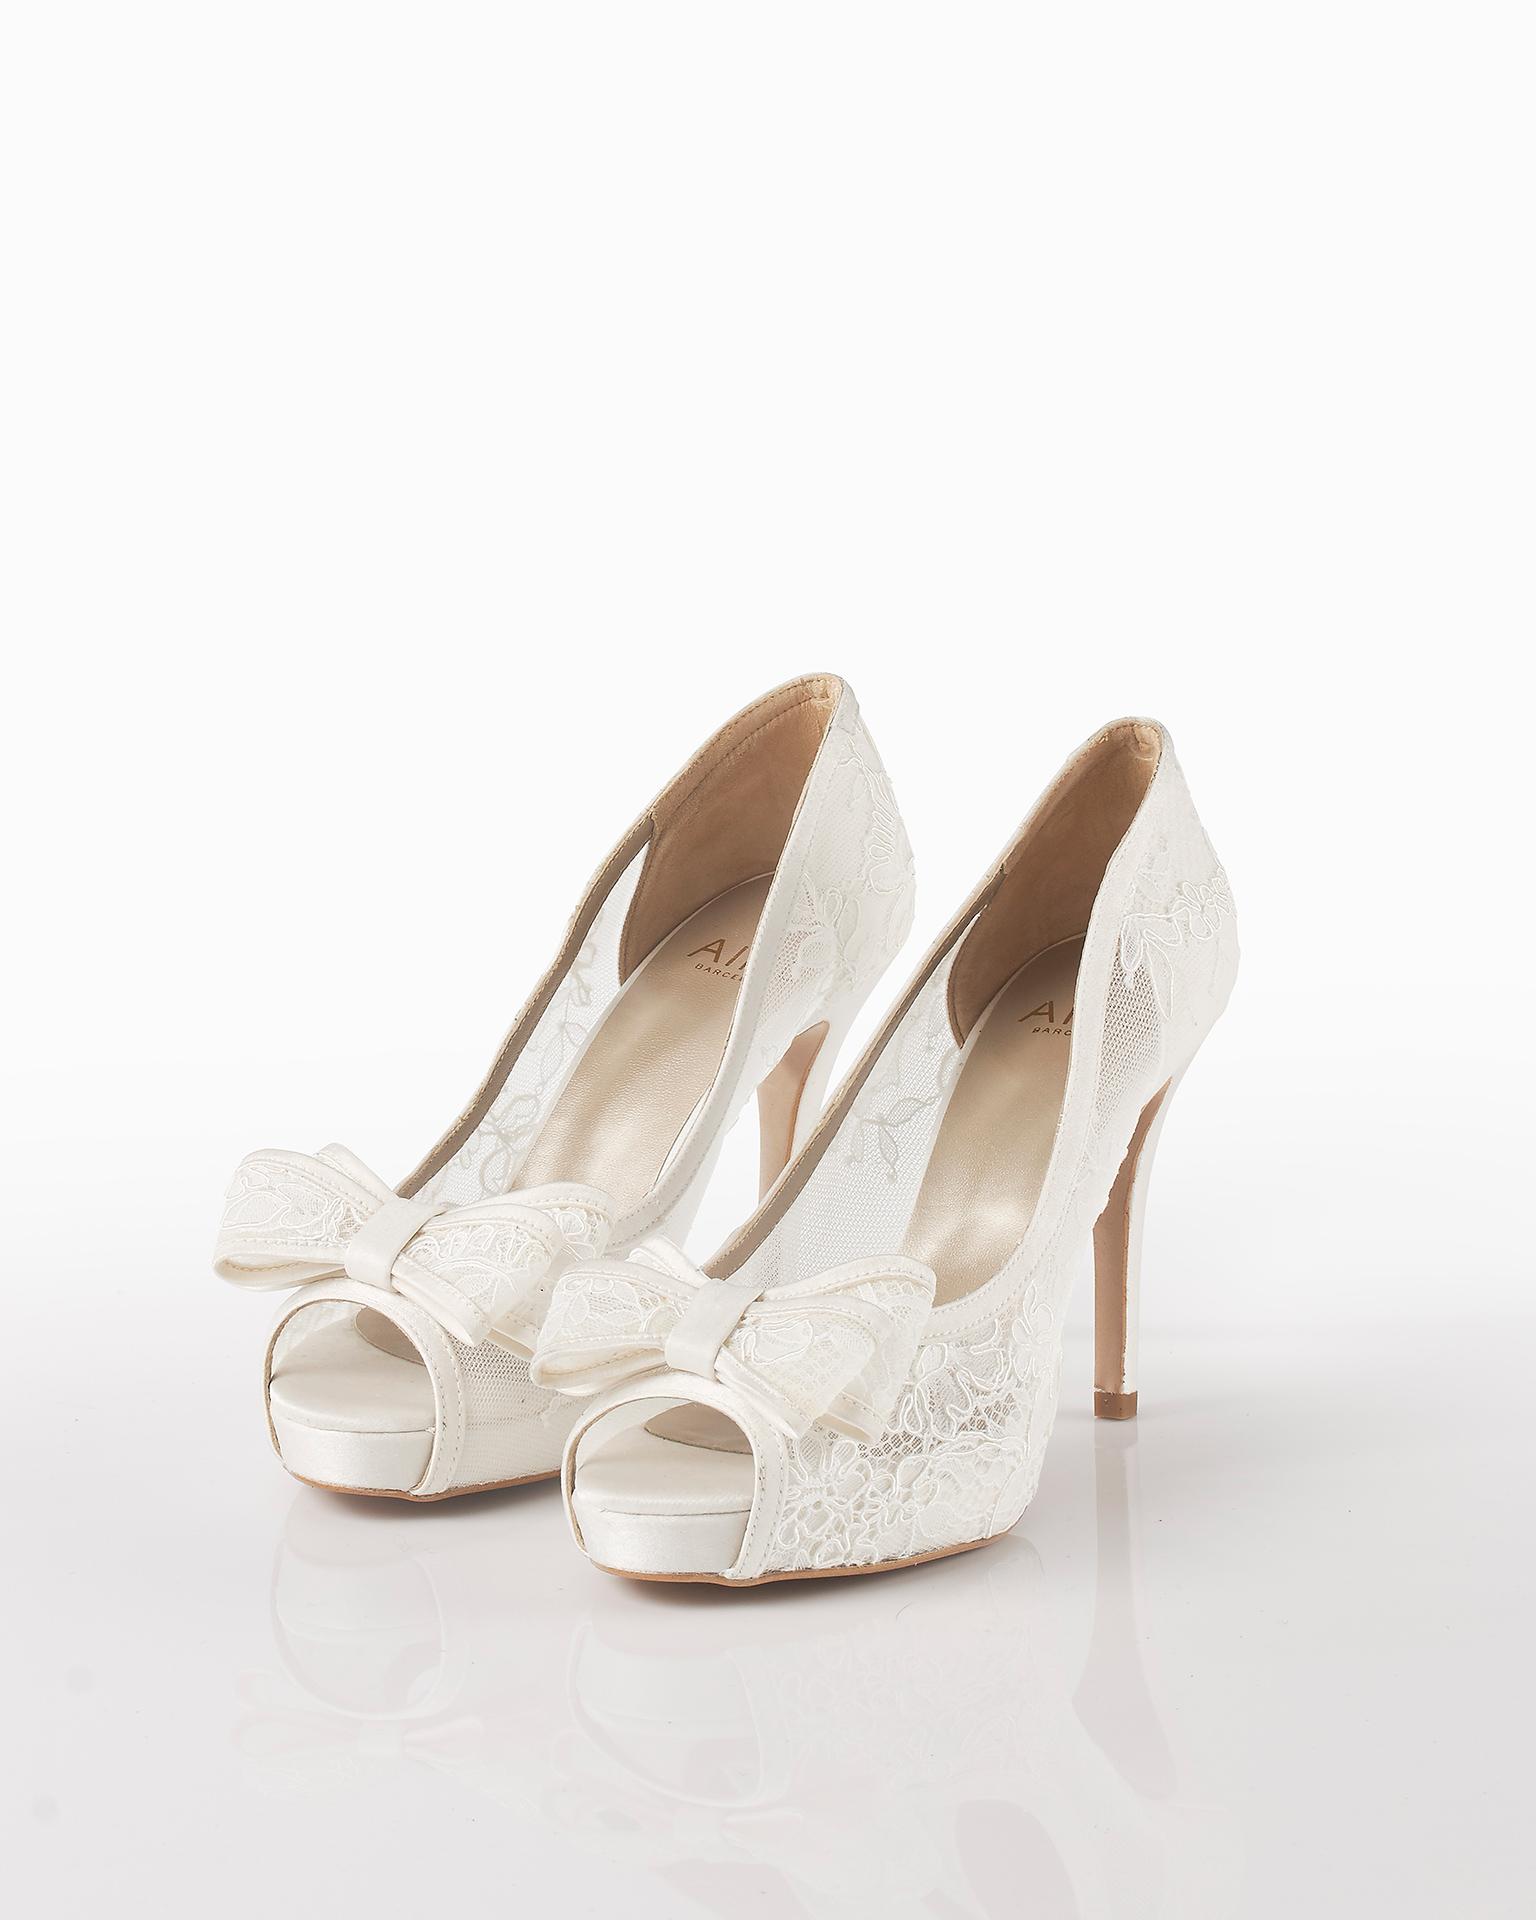 .2018 مجموعة فساتين AIRE BARCELONA حذاء زفاف من الدانتيل ذو كعب 90 مم، باللون الطبيعي.